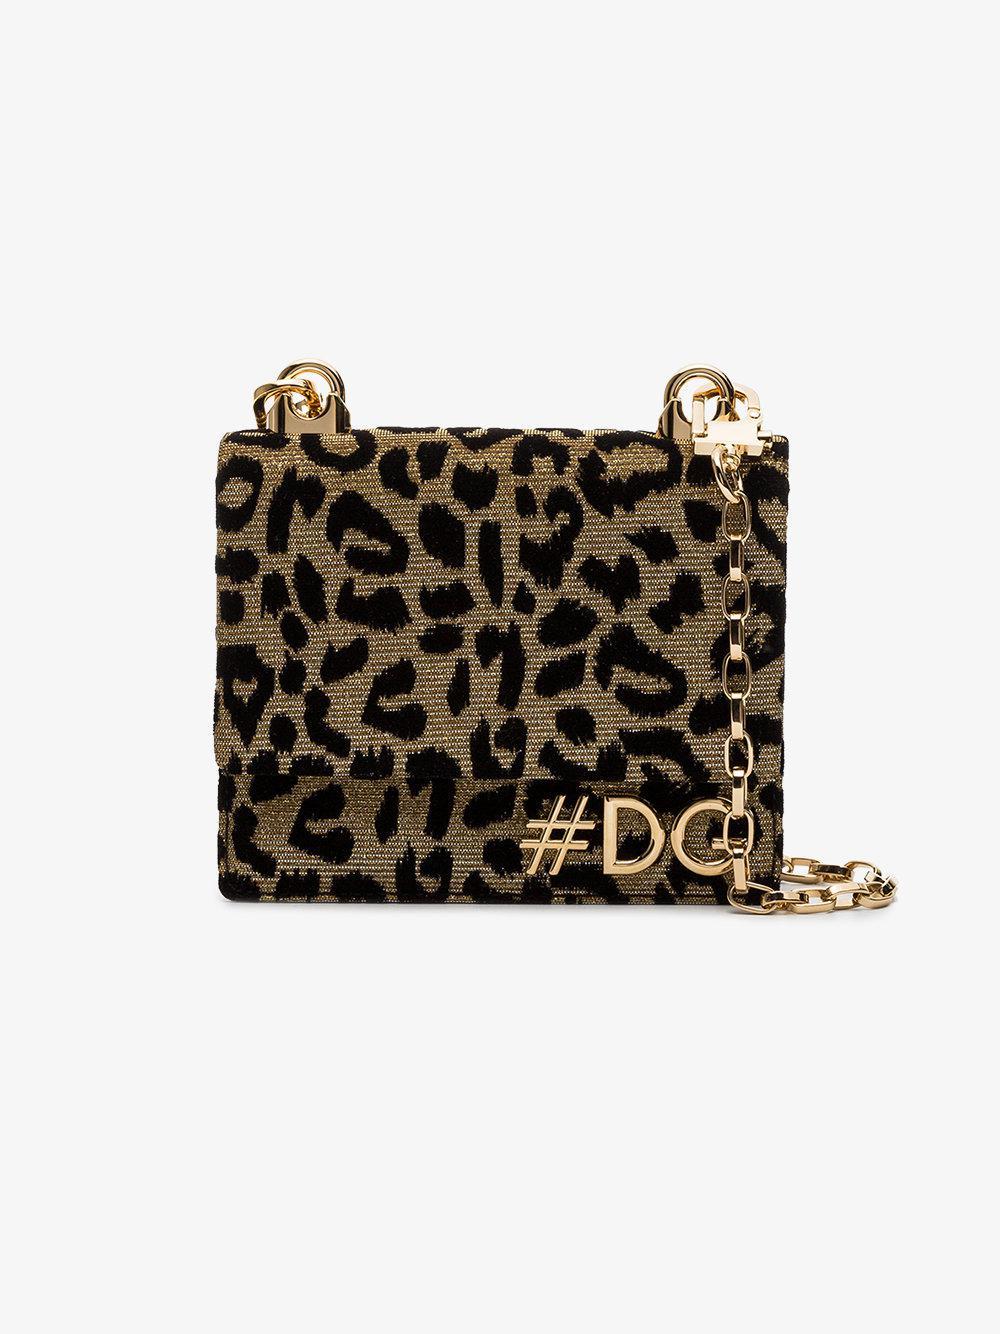 Sortie Expédition Boutique En Ligne Manchester Dolce & Gabbana Filles Sac À Bandoulière Dg Rond Photos Prix Pas Cher 5sW27